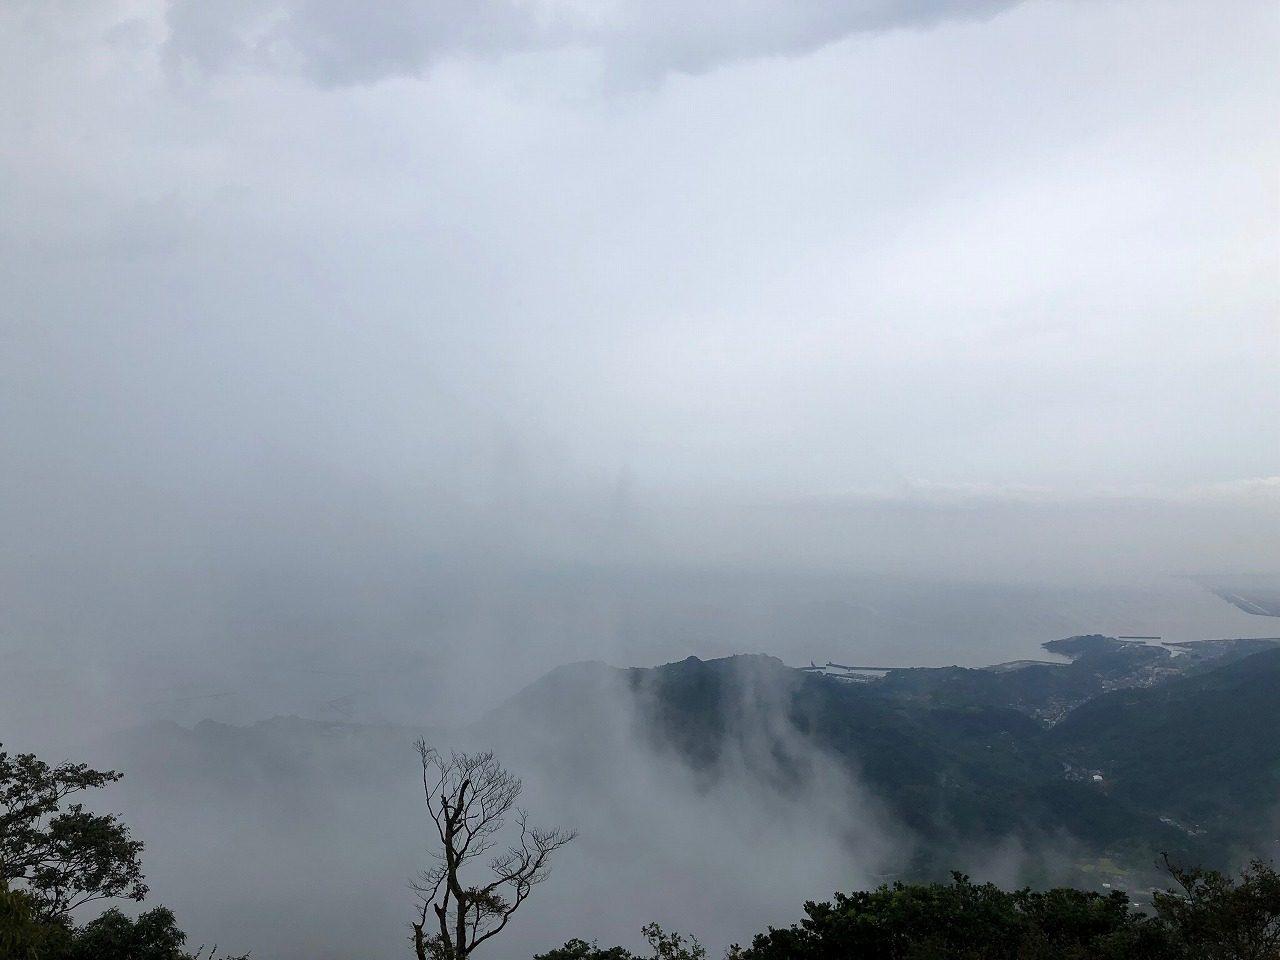 雨の金峰山山頂 残念ながら殆ど見えない